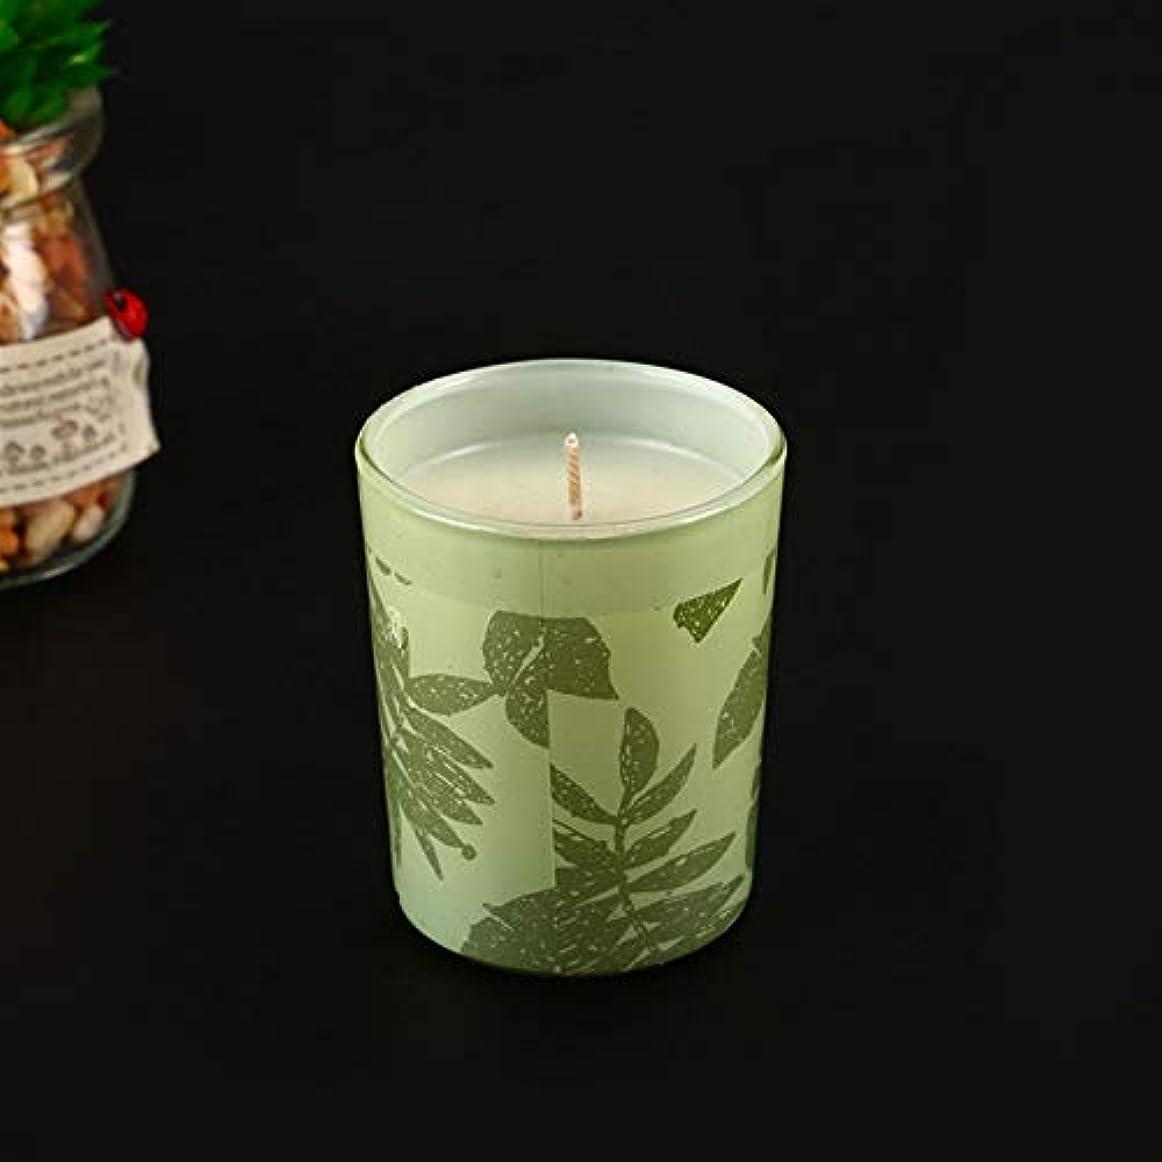 賠償教育列挙するZtian アロマセラピーキャンドルガラス香料入りキャンドル無煙大豆キャンドル誕生日キャンドル (色 : Green tea)